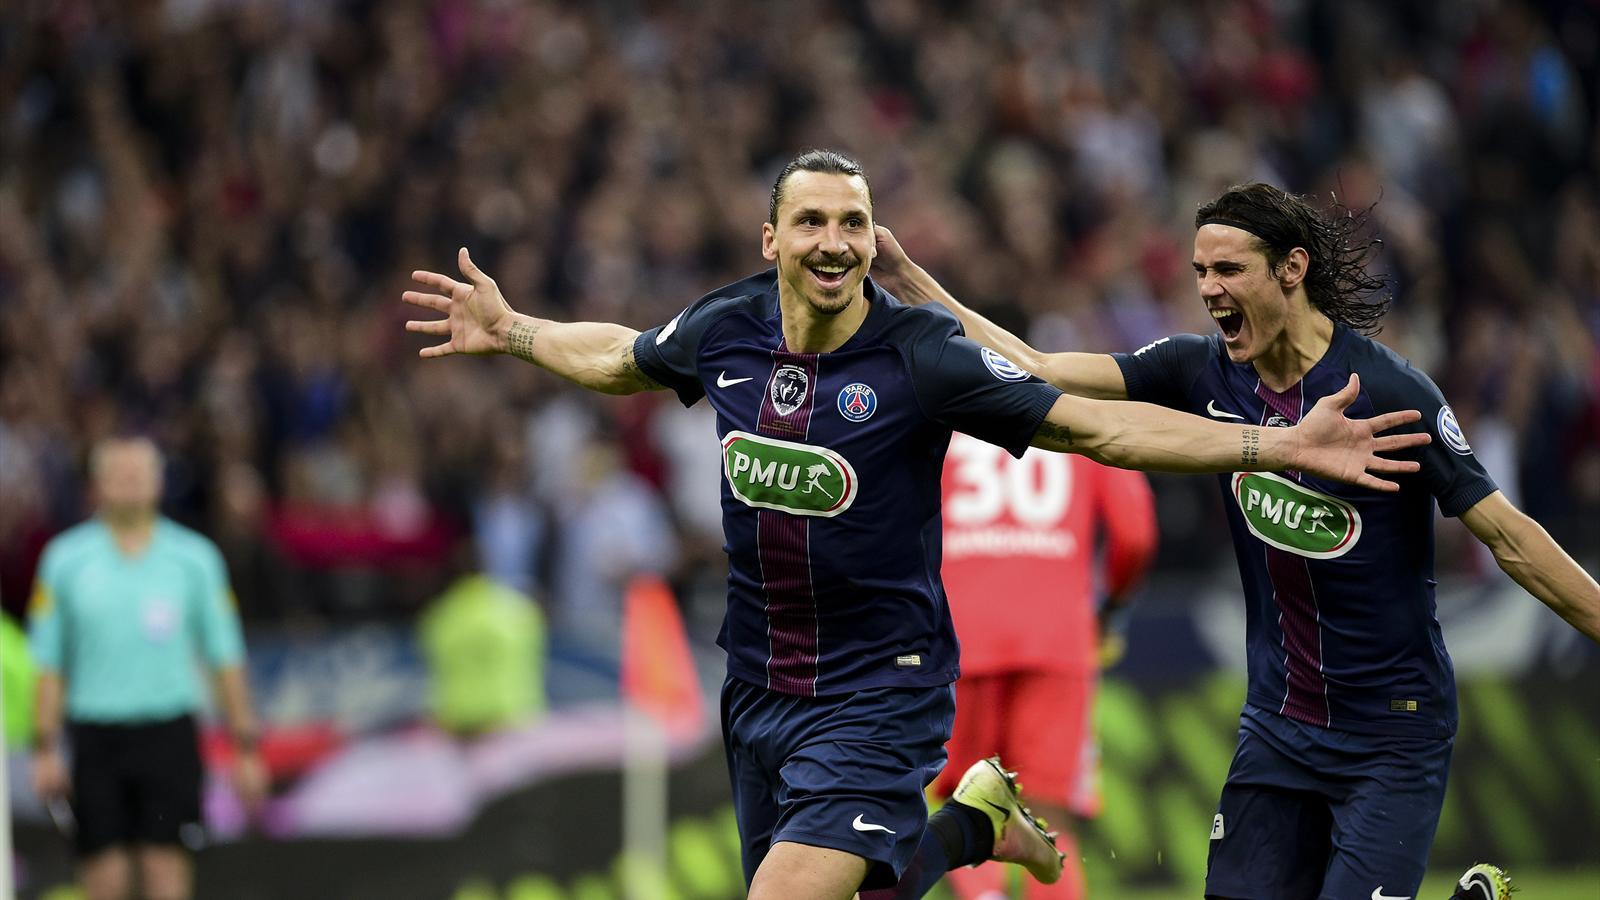 Live olympique de marseille paris saint germain finale - Finale coupe de france football 2015 ...